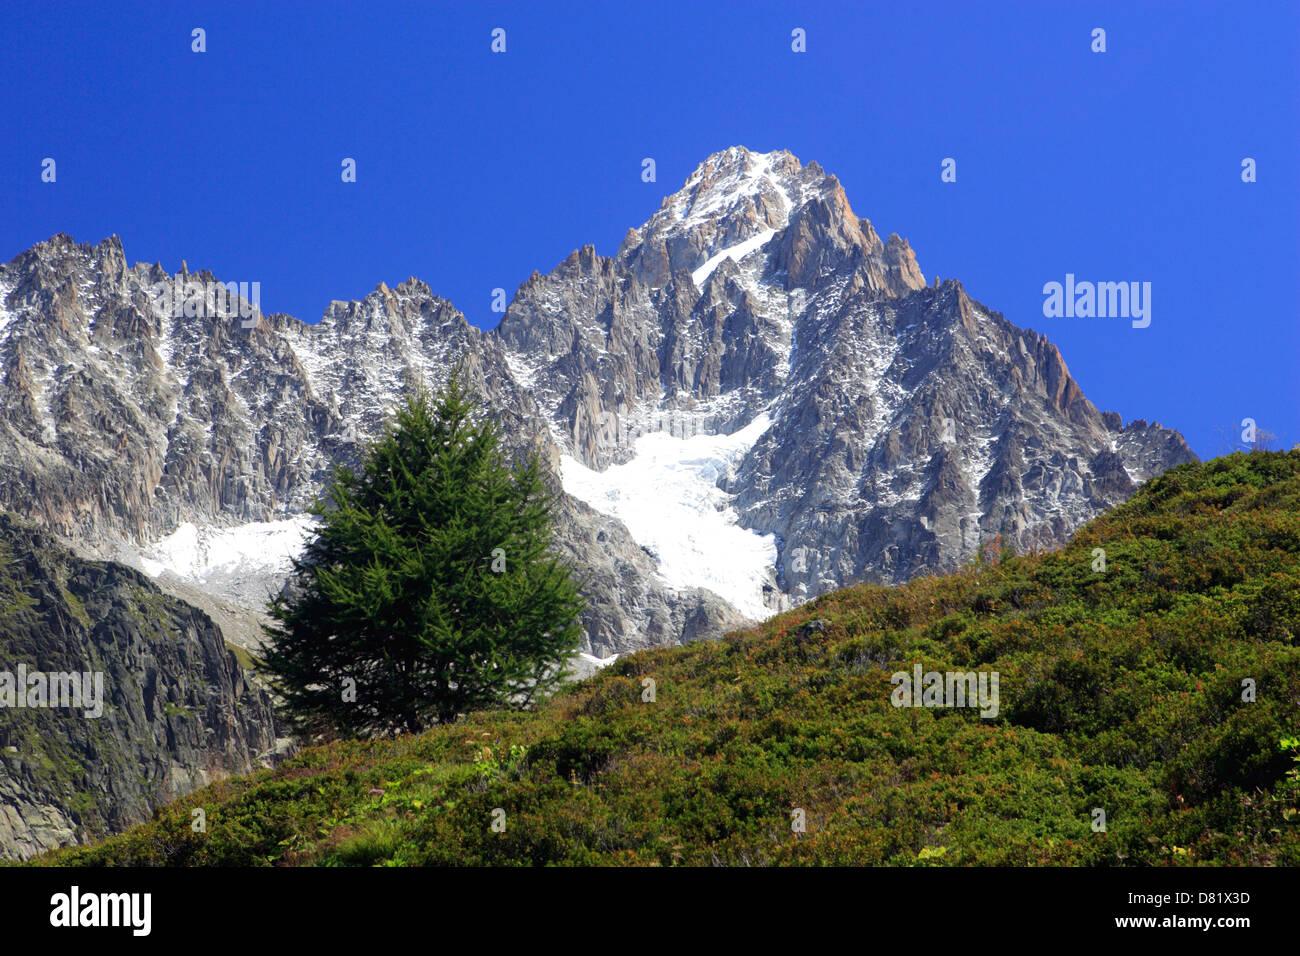 Aiguille du Chardonnet ( 3824 m ) Massif du Mont Blanc, Argentiere ( Chamonix Valley ), France Stock Photo